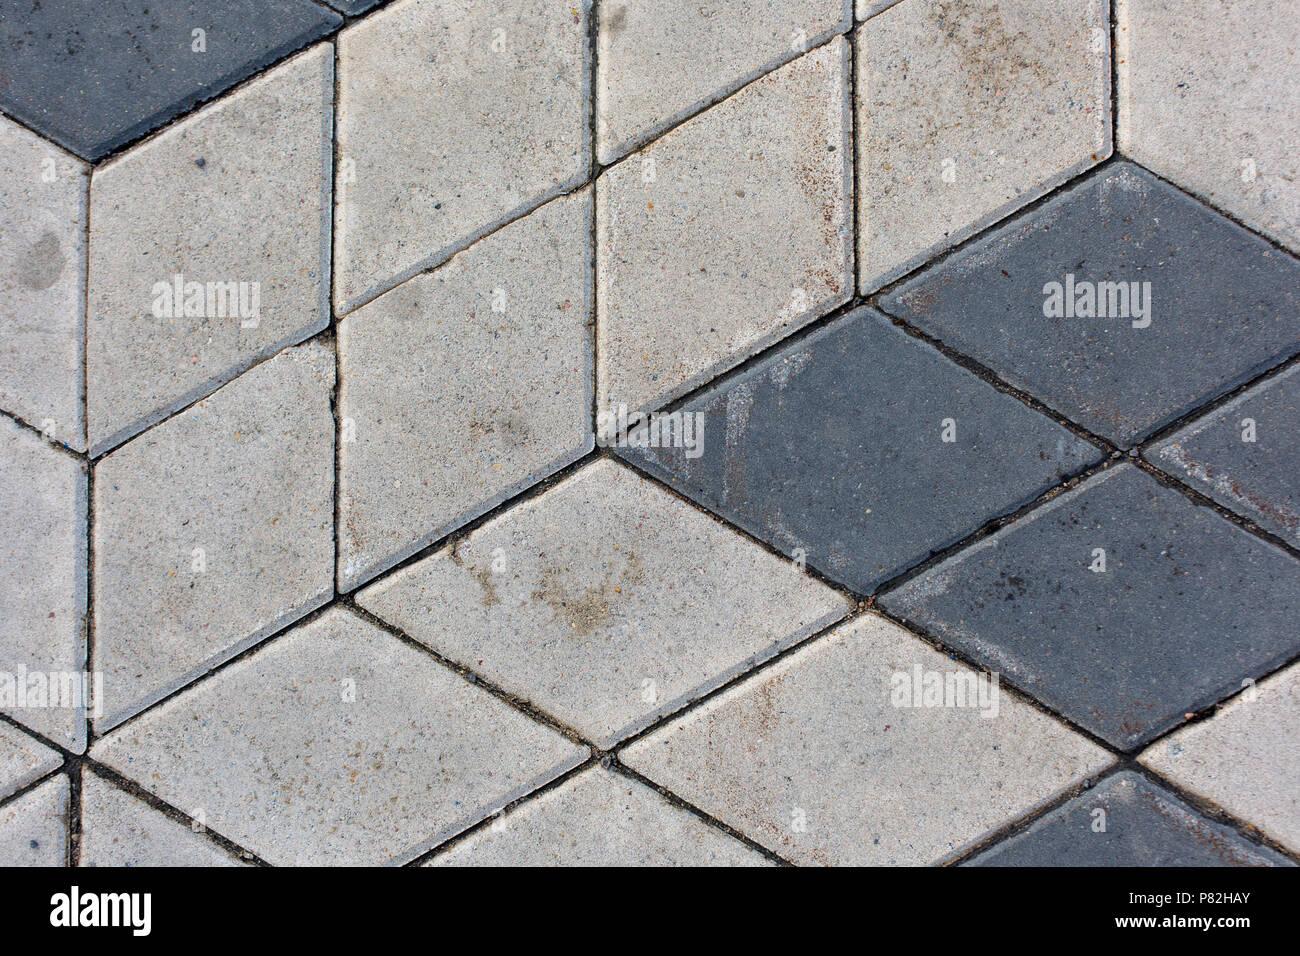 Rombo di calcestruzzo piastrelle pattern sfondo texture foto